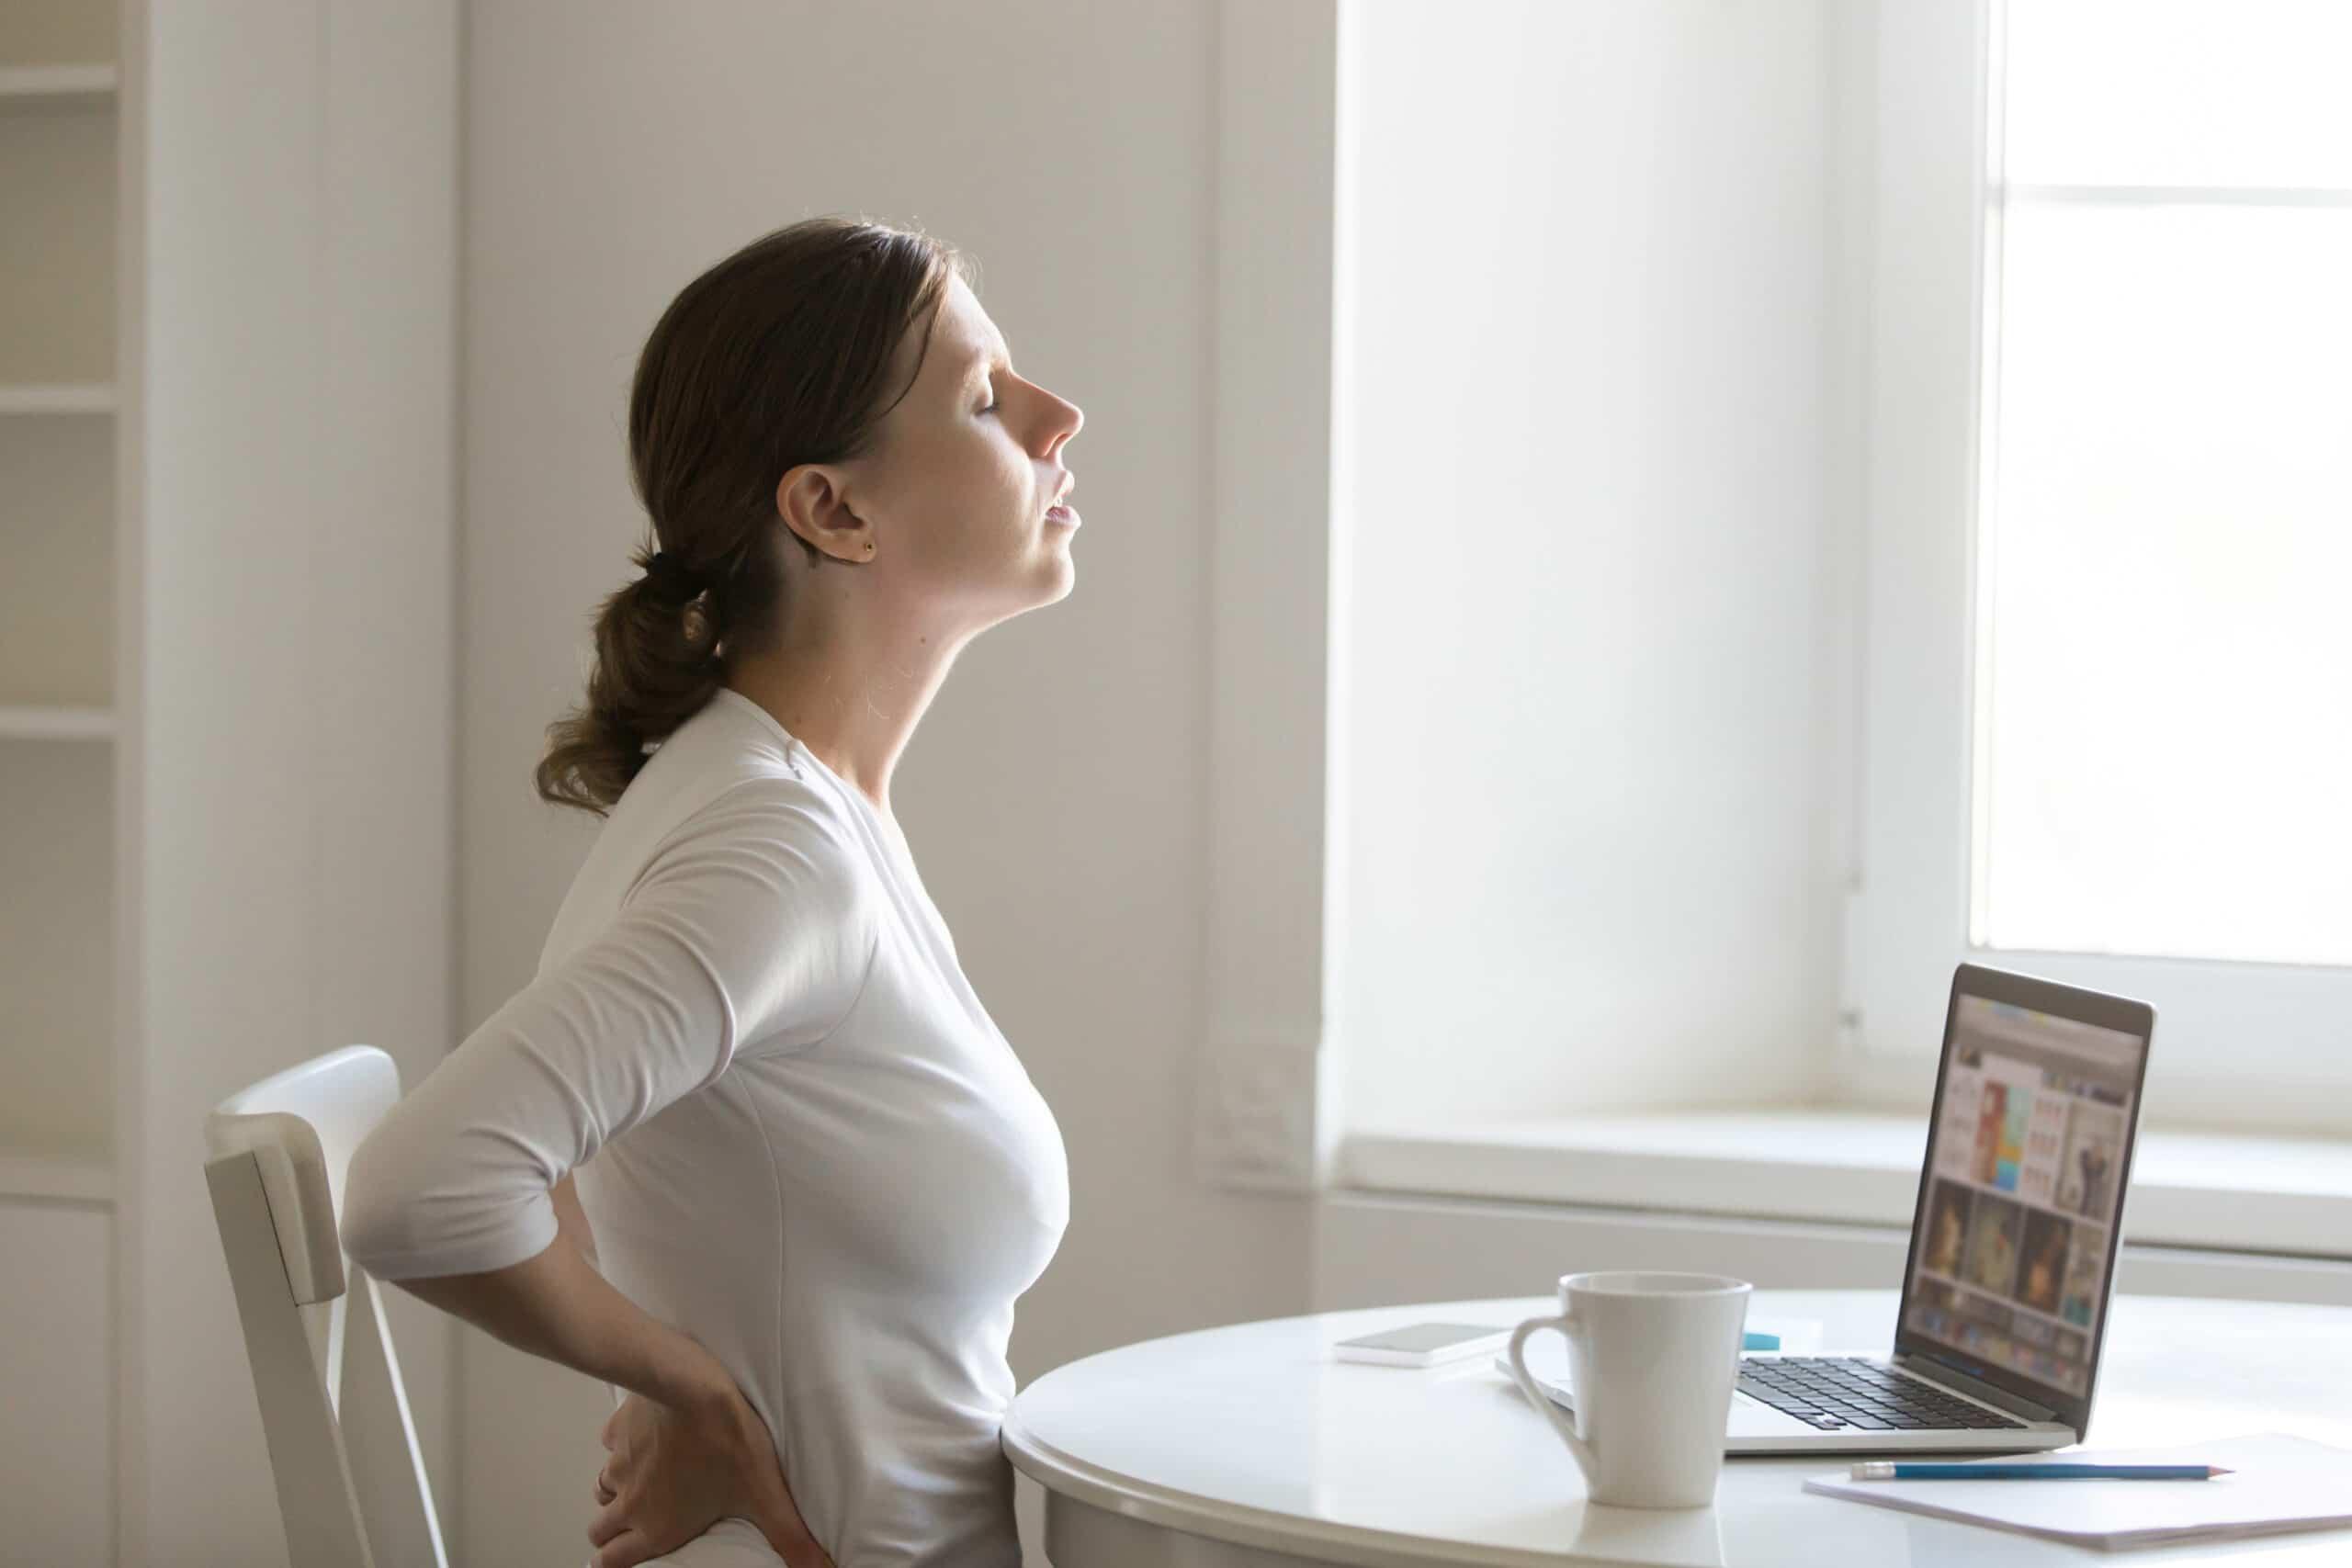 Blizna po operacji kręgosłupa lędźwiowego – czy może powodować ucisk na nerwy?